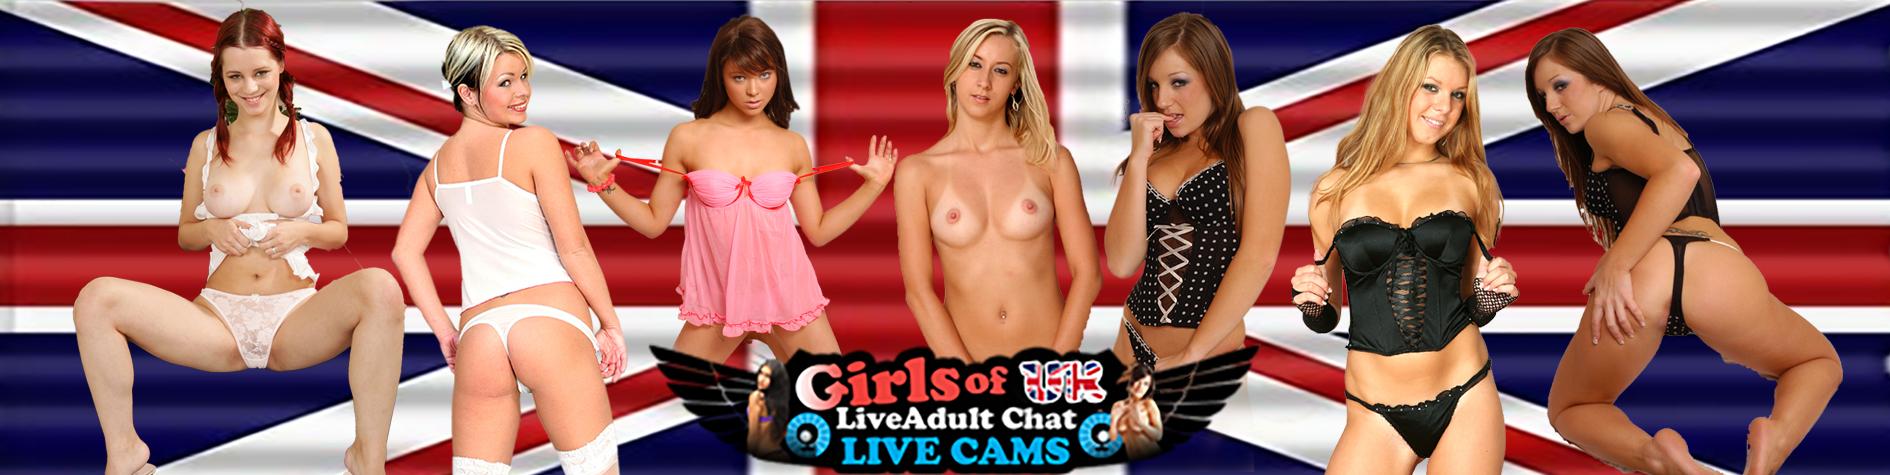 Girls Of UK Webcam Girls